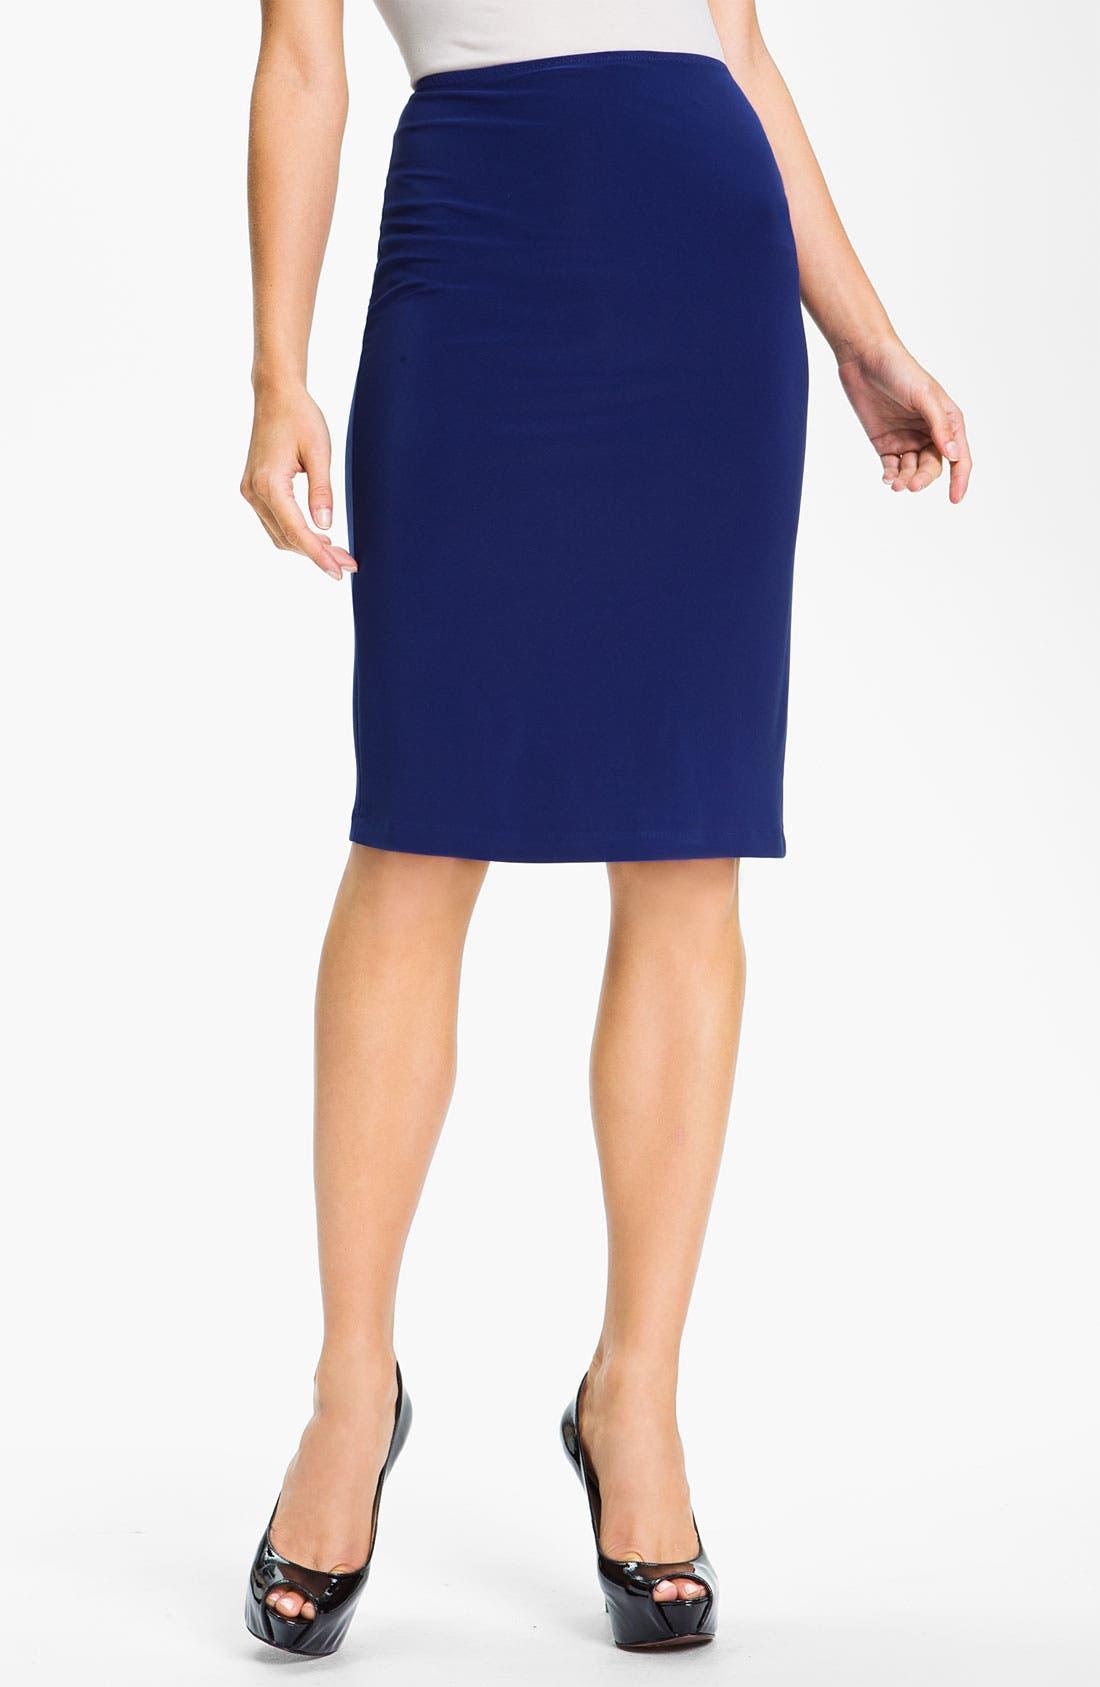 Alternate Image 1 Selected - KAMALIKULTURE Pull-On Knit Pencil Skirt